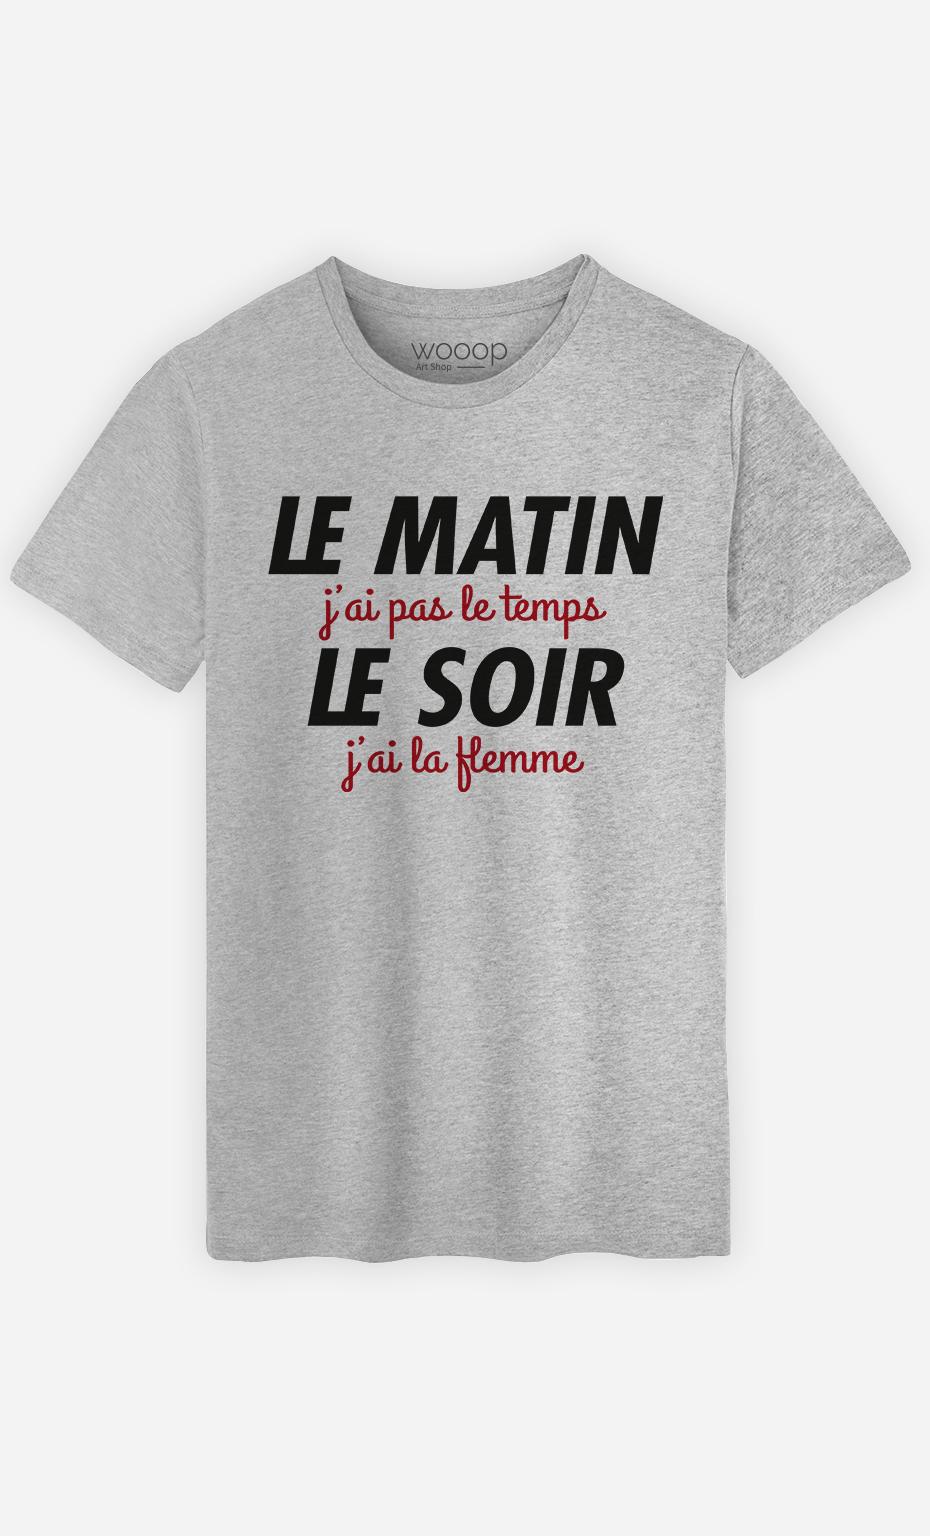 T-Shirt Homme Le matin j'ai pas le temps